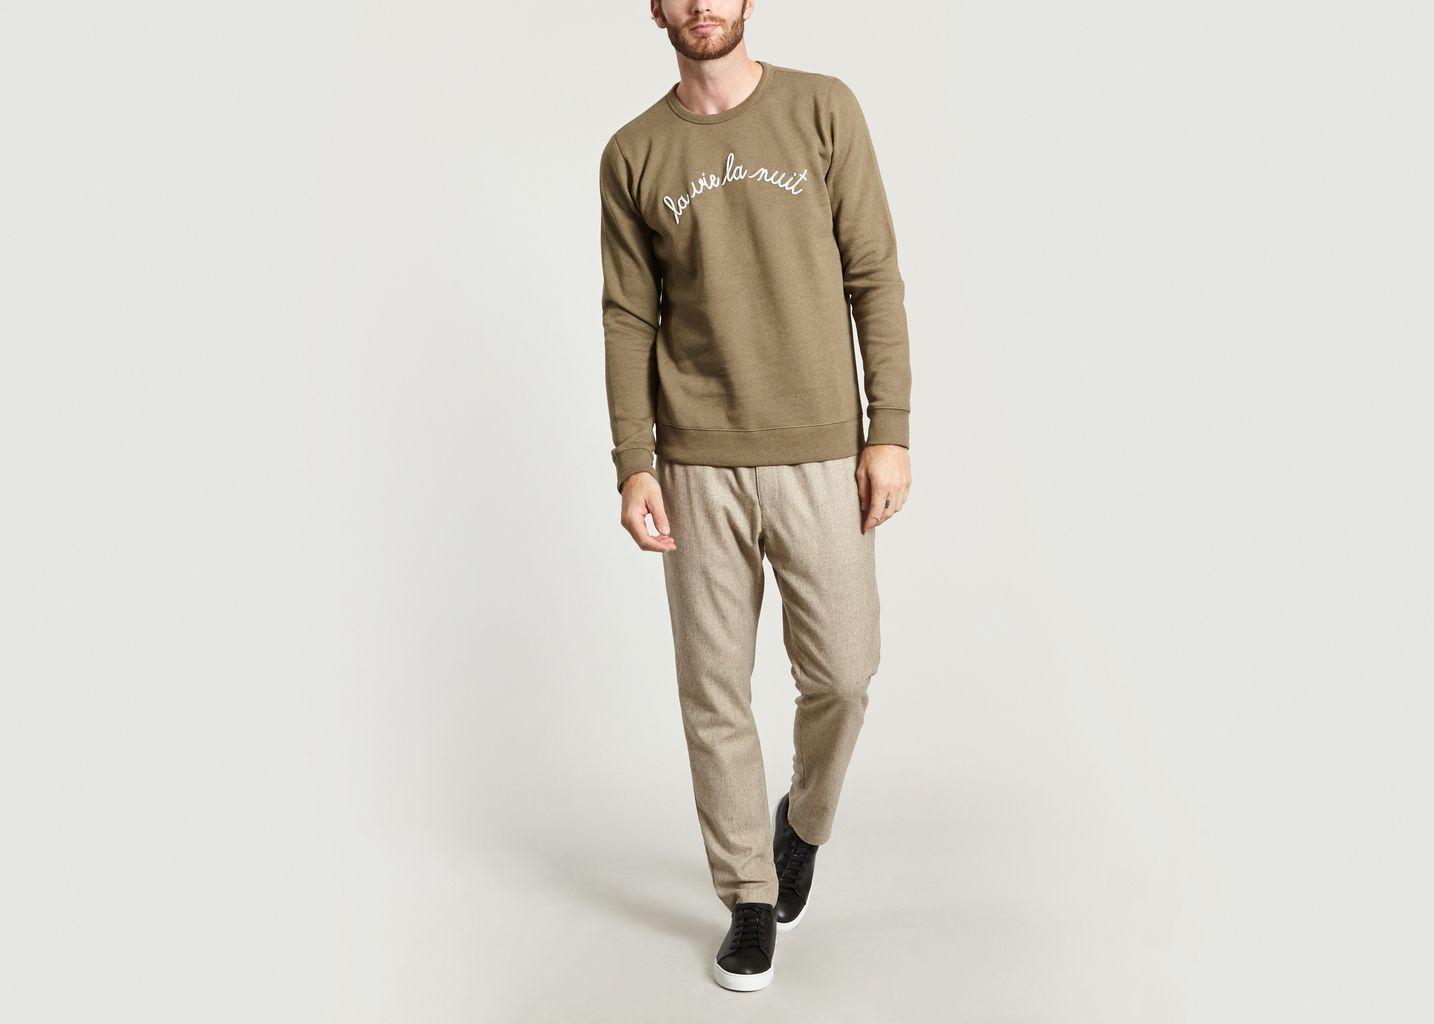 Sweatshirt La Vie La Nuit  - Maison Labiche